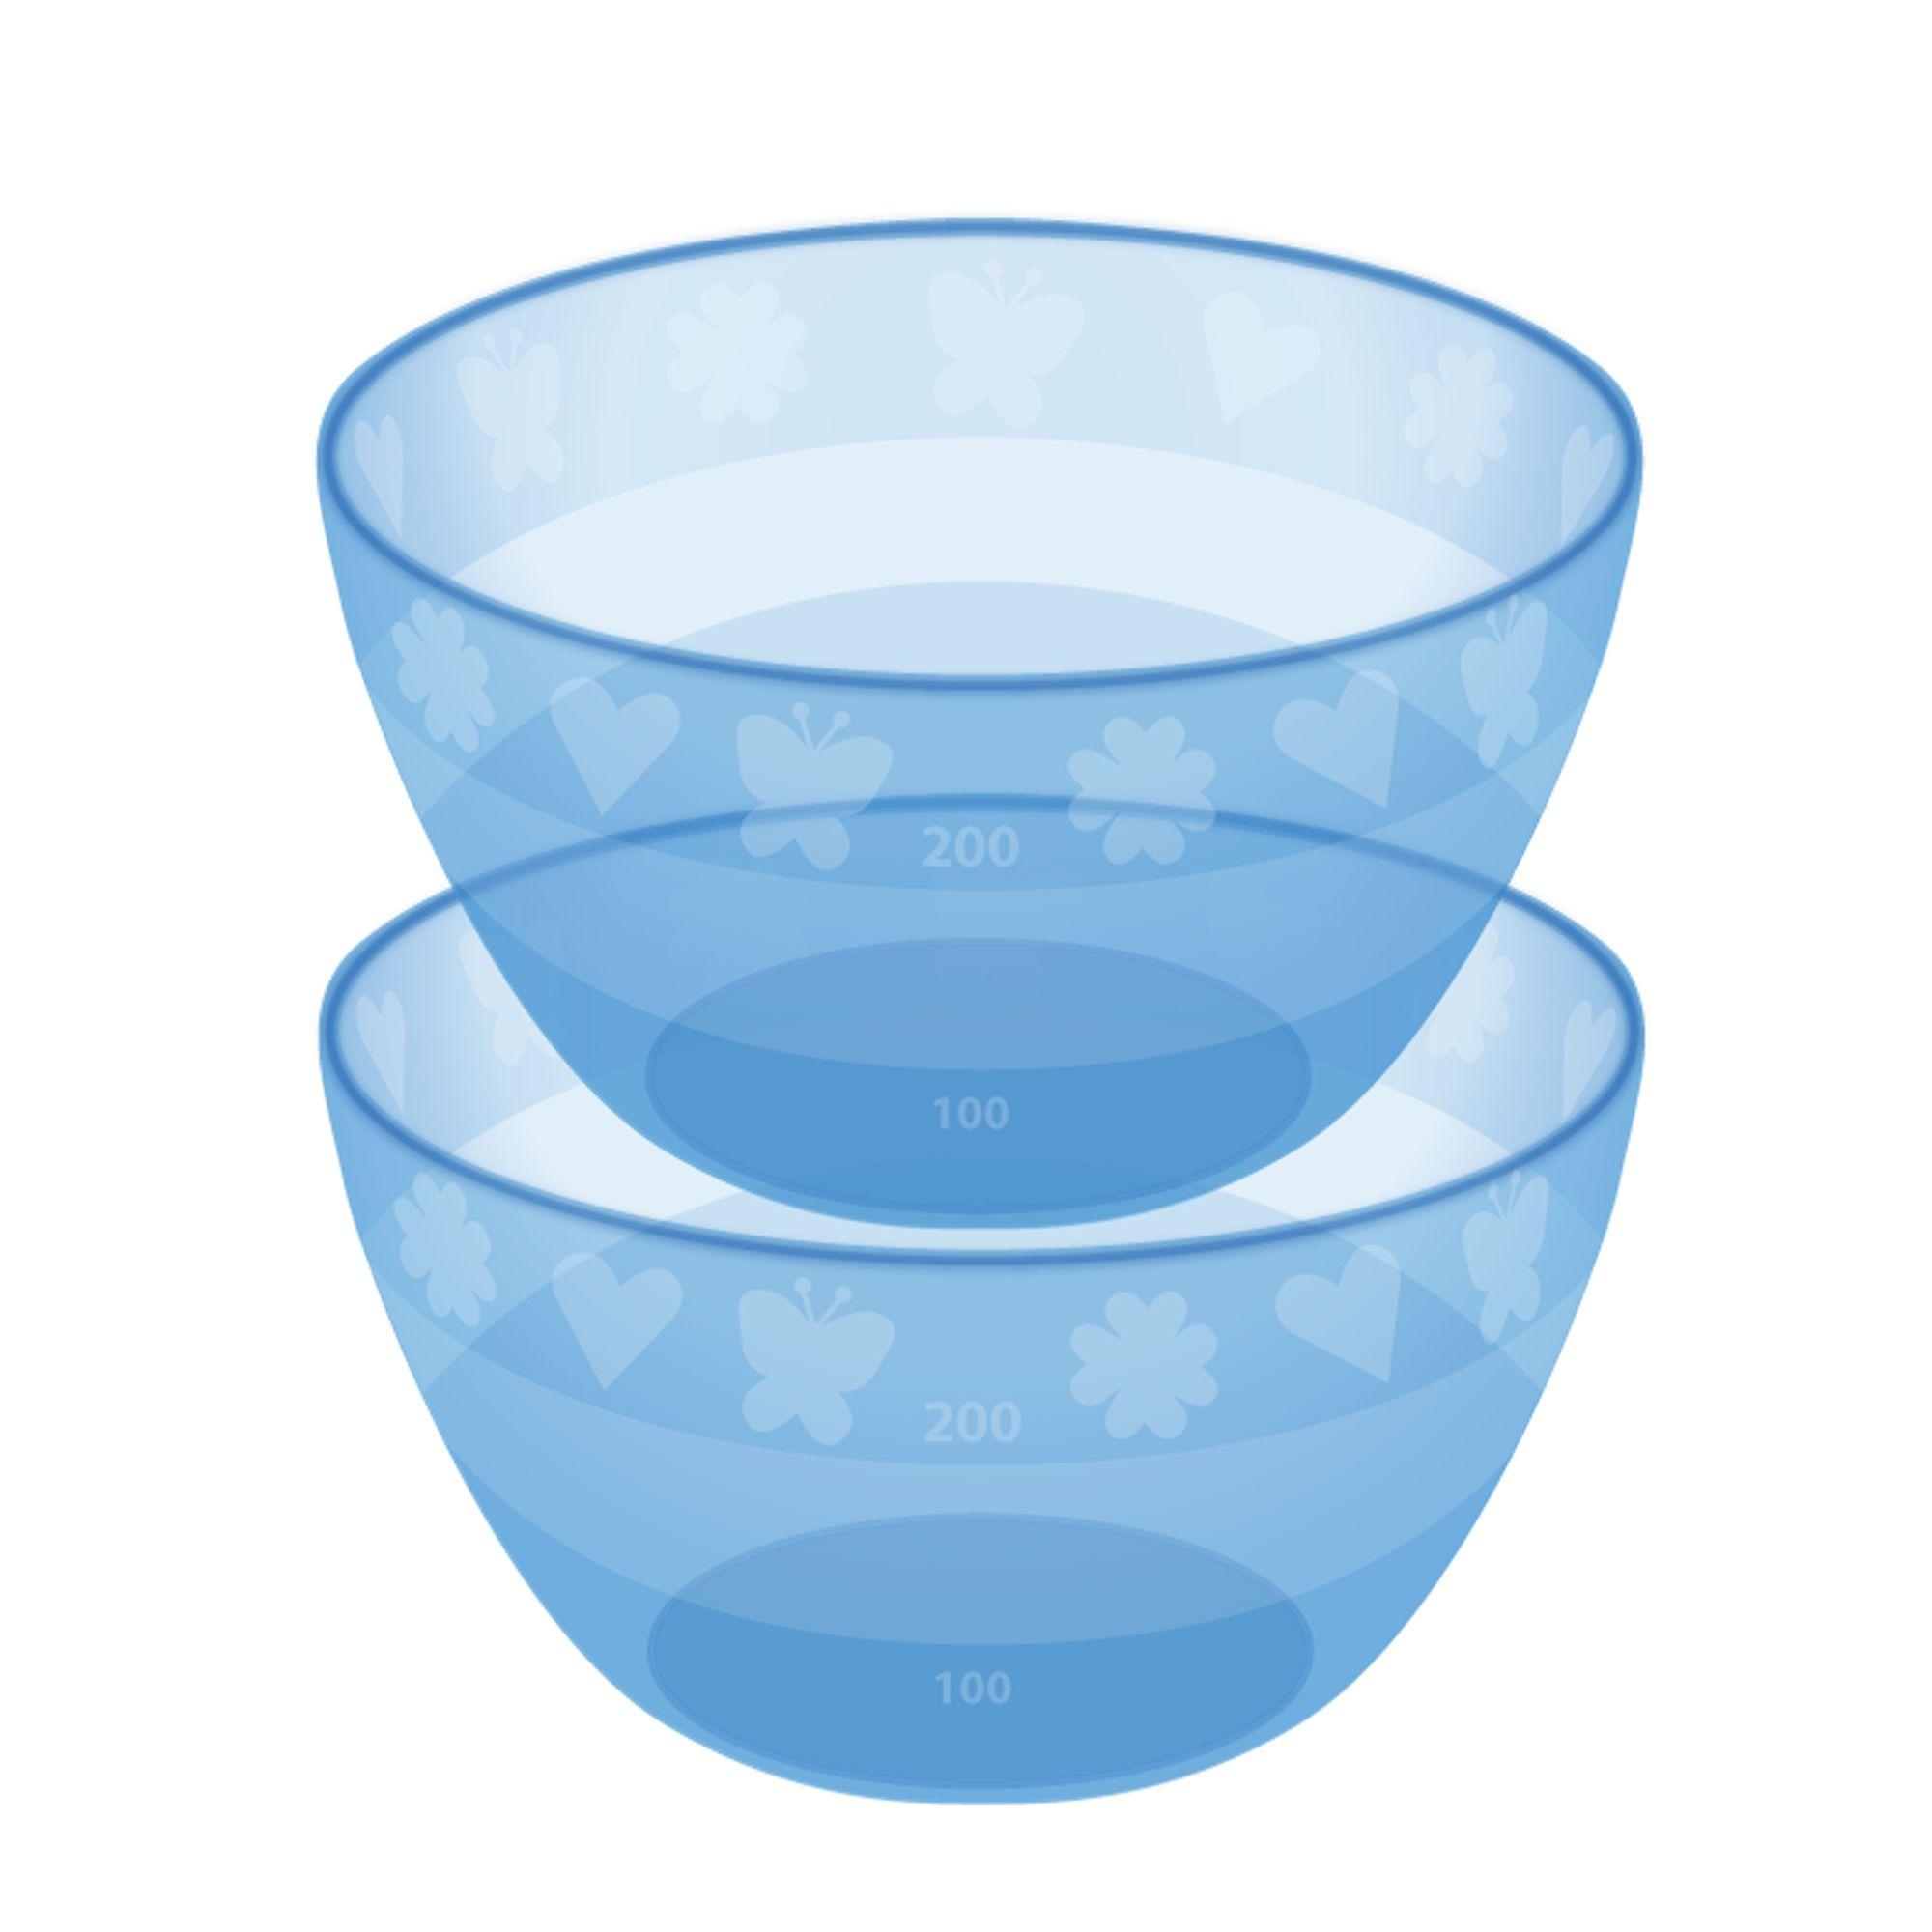 Billede af Grødskål fra Bambino - Measure-and-Serve! - Blå (2 stk)